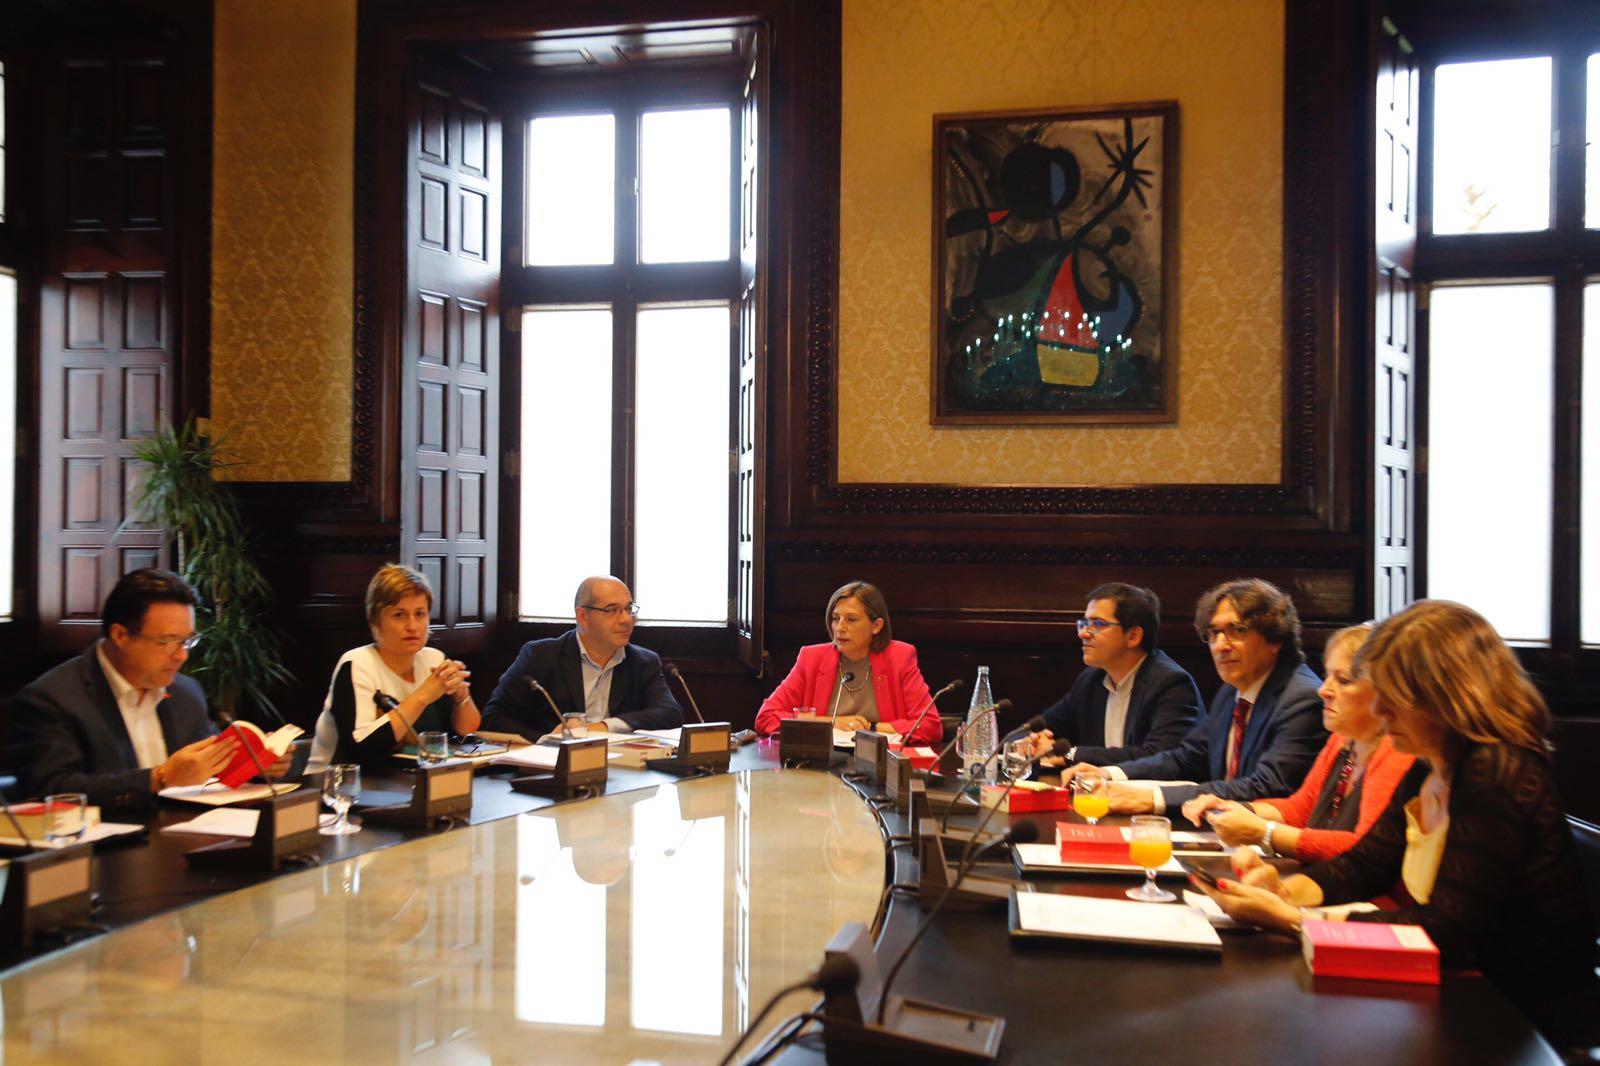 Reunió mesa Parlament llei Referèndum / Sergi Alcàzar